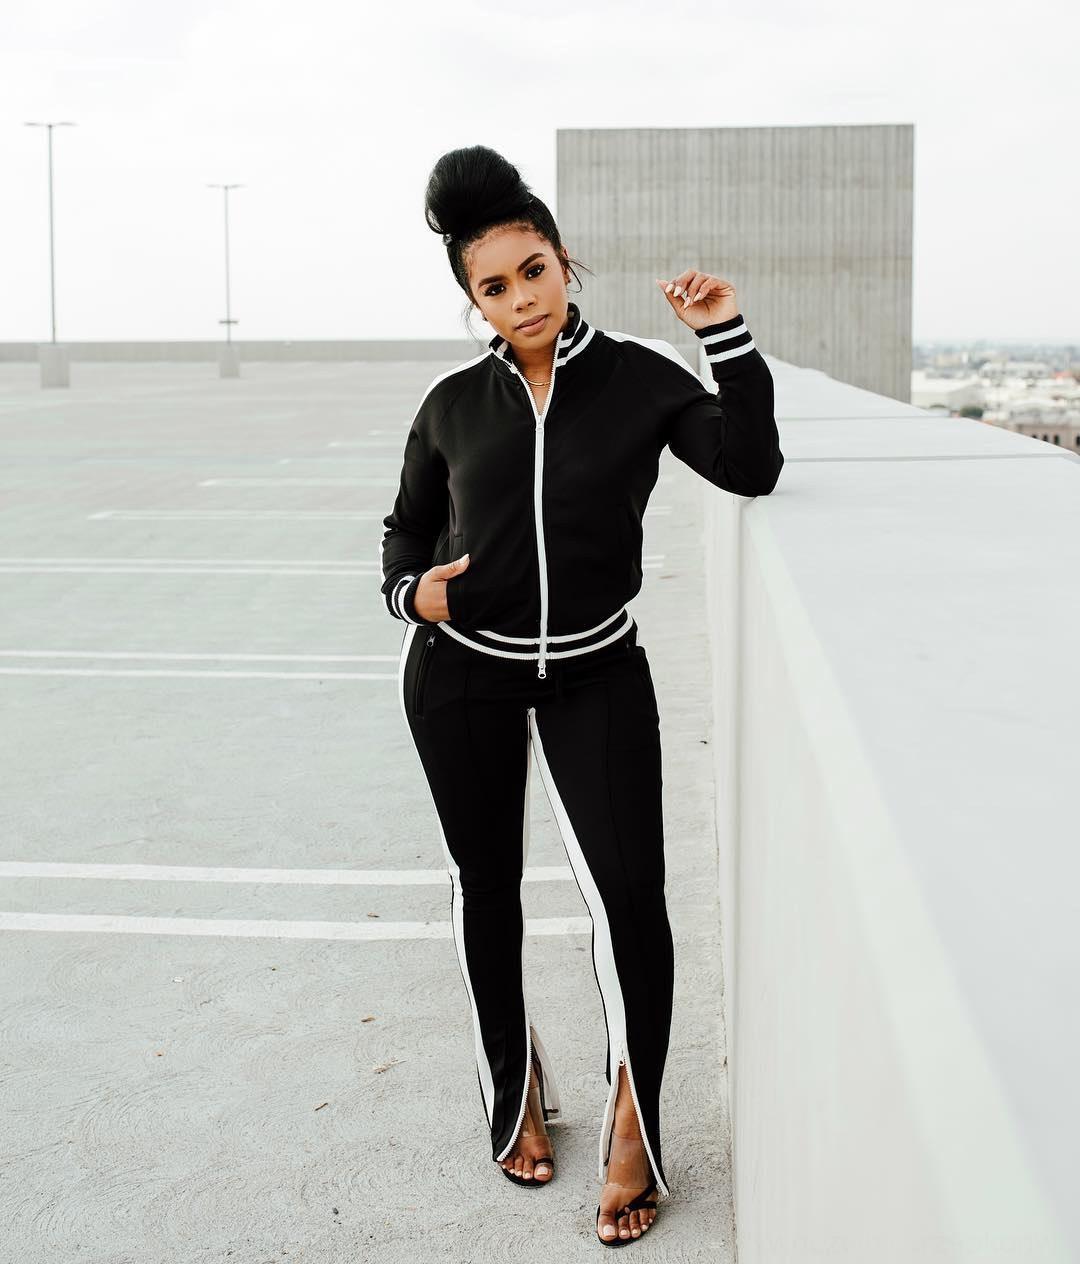 IZNW Hoodies Eşofman İki 2 Parça Kıyafetler Uzun Kollu Giysi Fermuar Hırka Pencli Pantolon Set Bayanlar Spor Streetwear Bayan Sonbahar